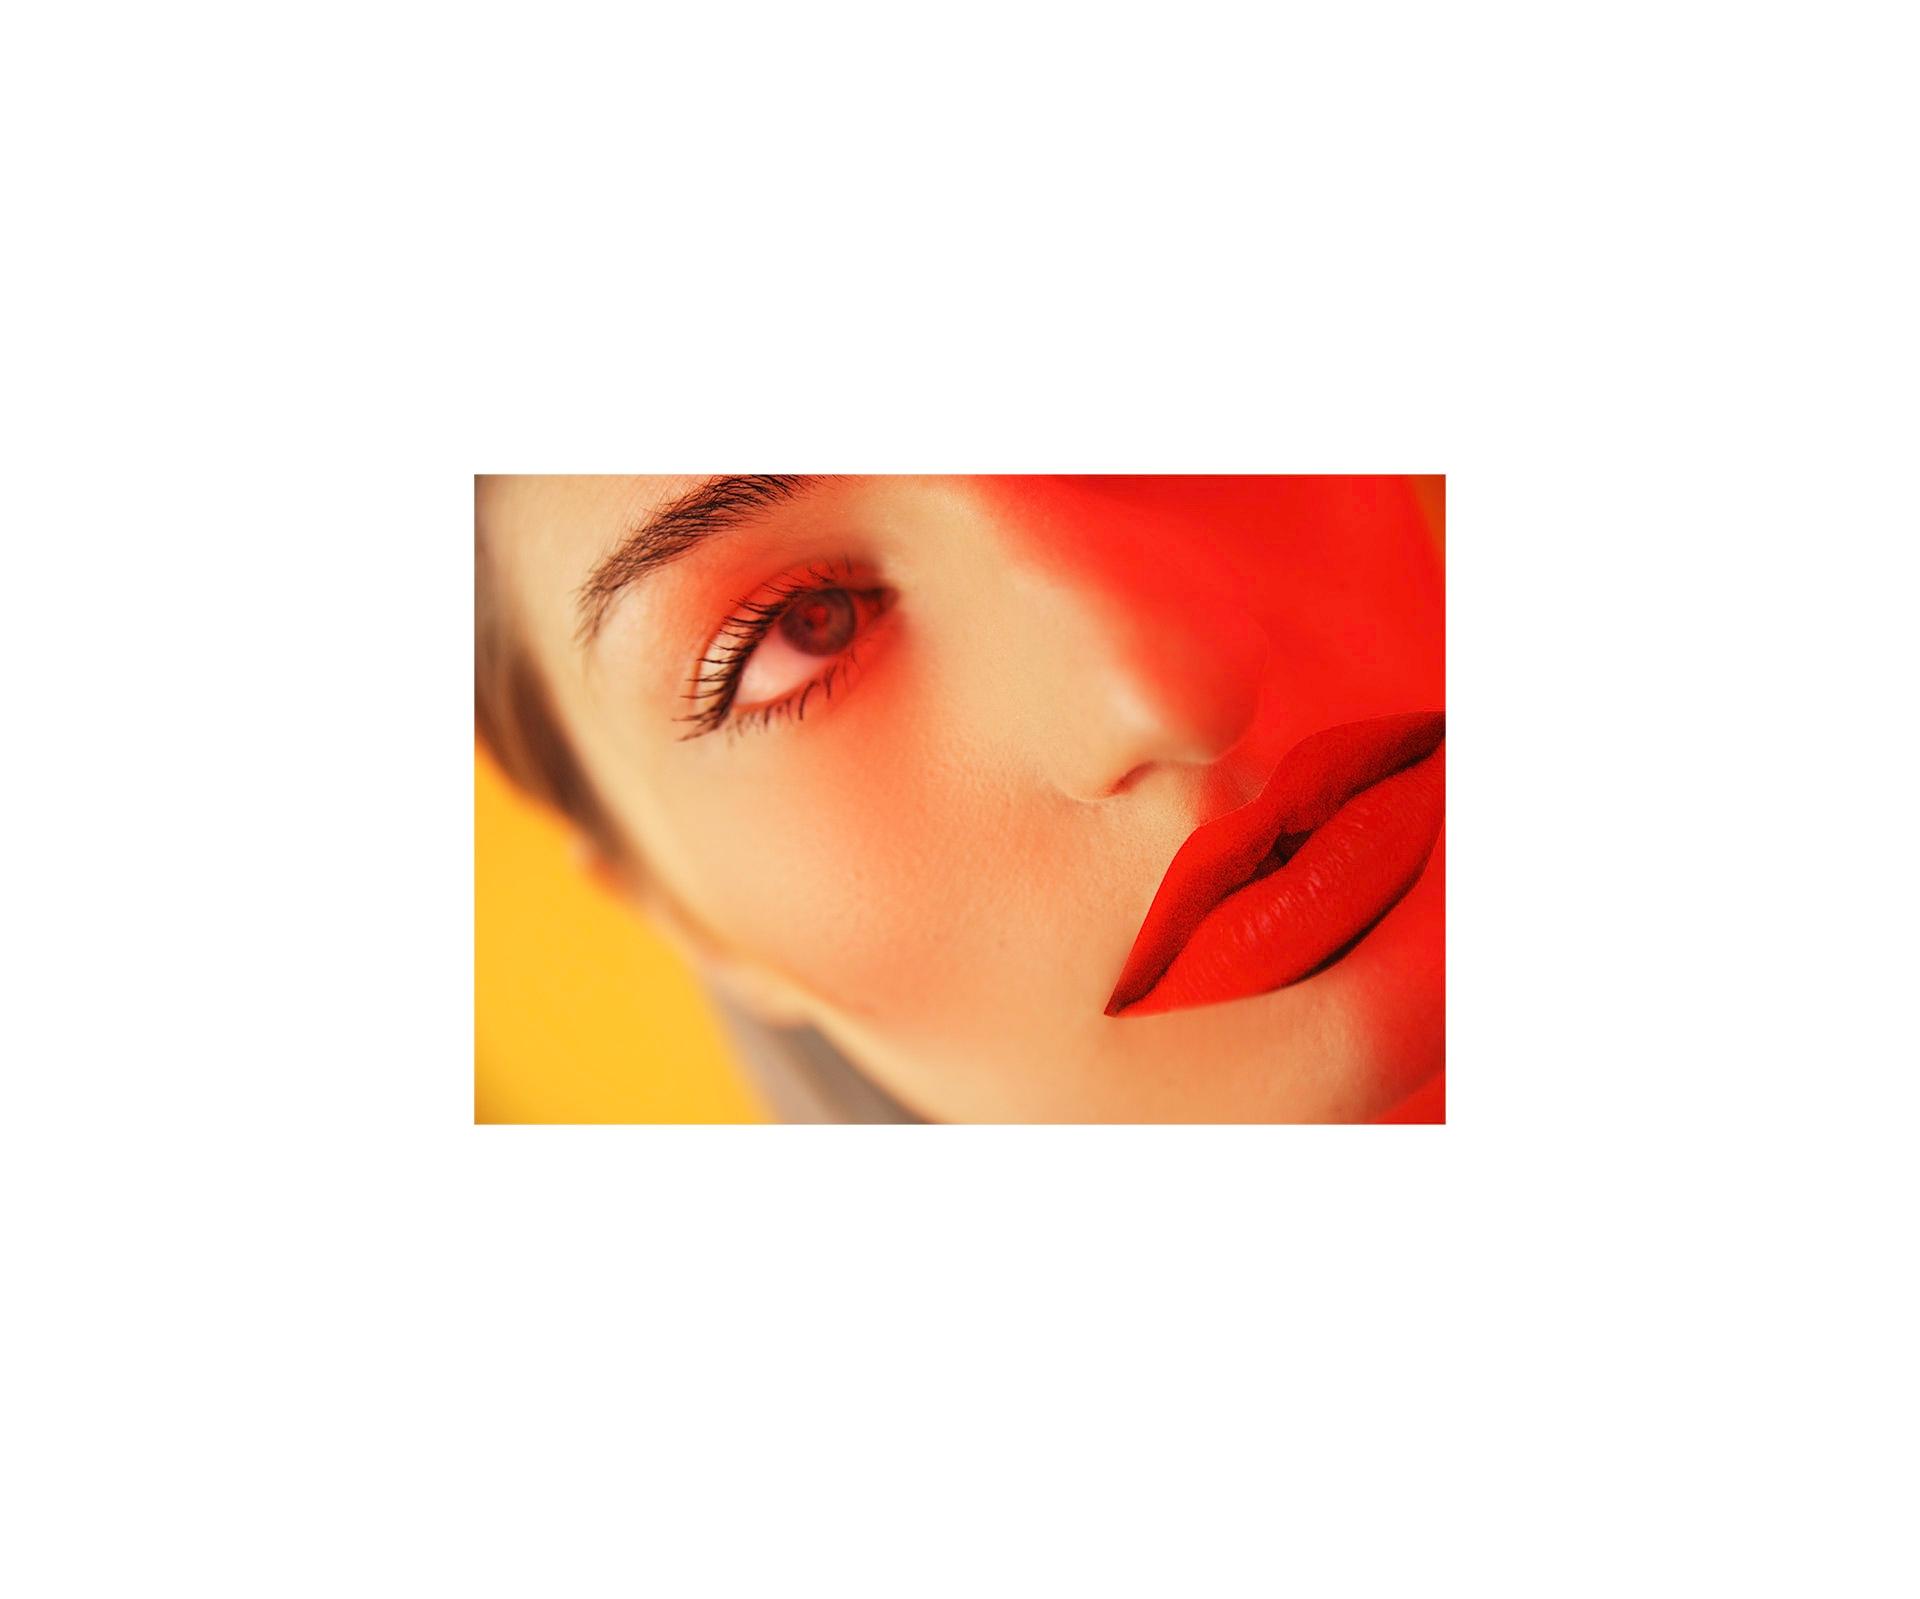 Zdjęcie przedstawia fragment twarzy kobiety z dużymi czerwonymi ustami.